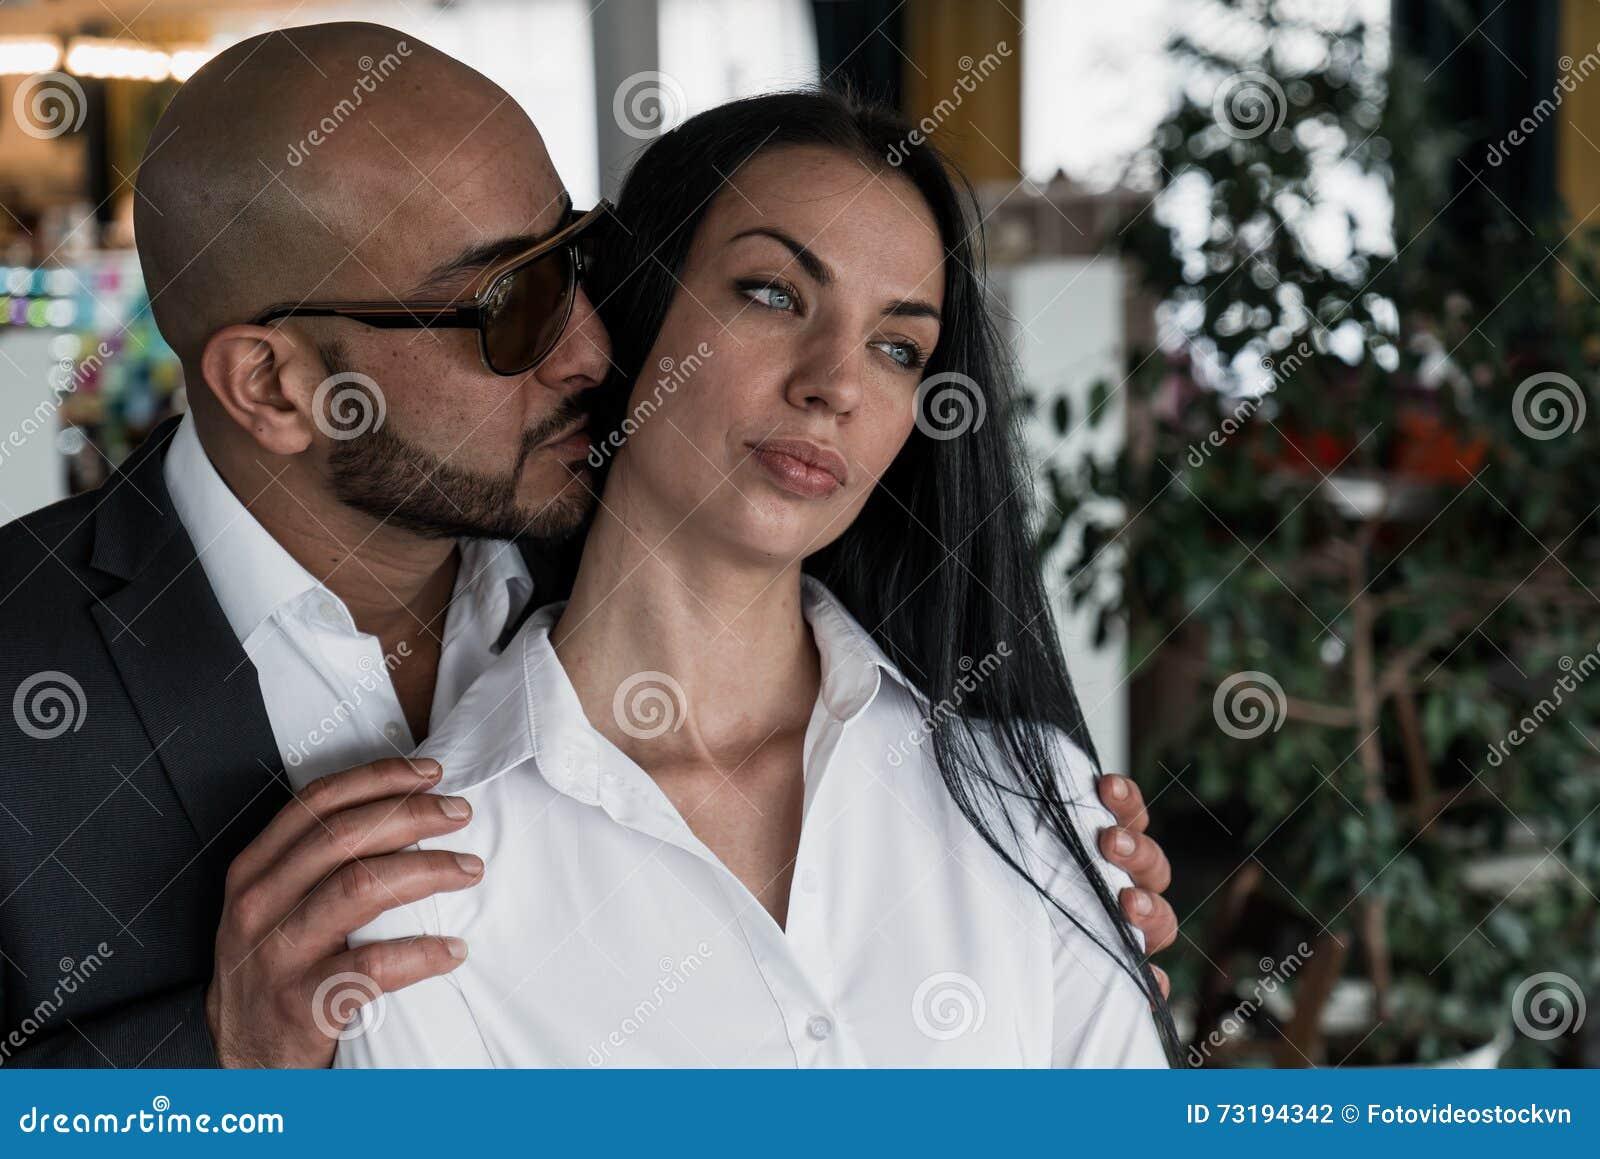 Dating scorte di servizio